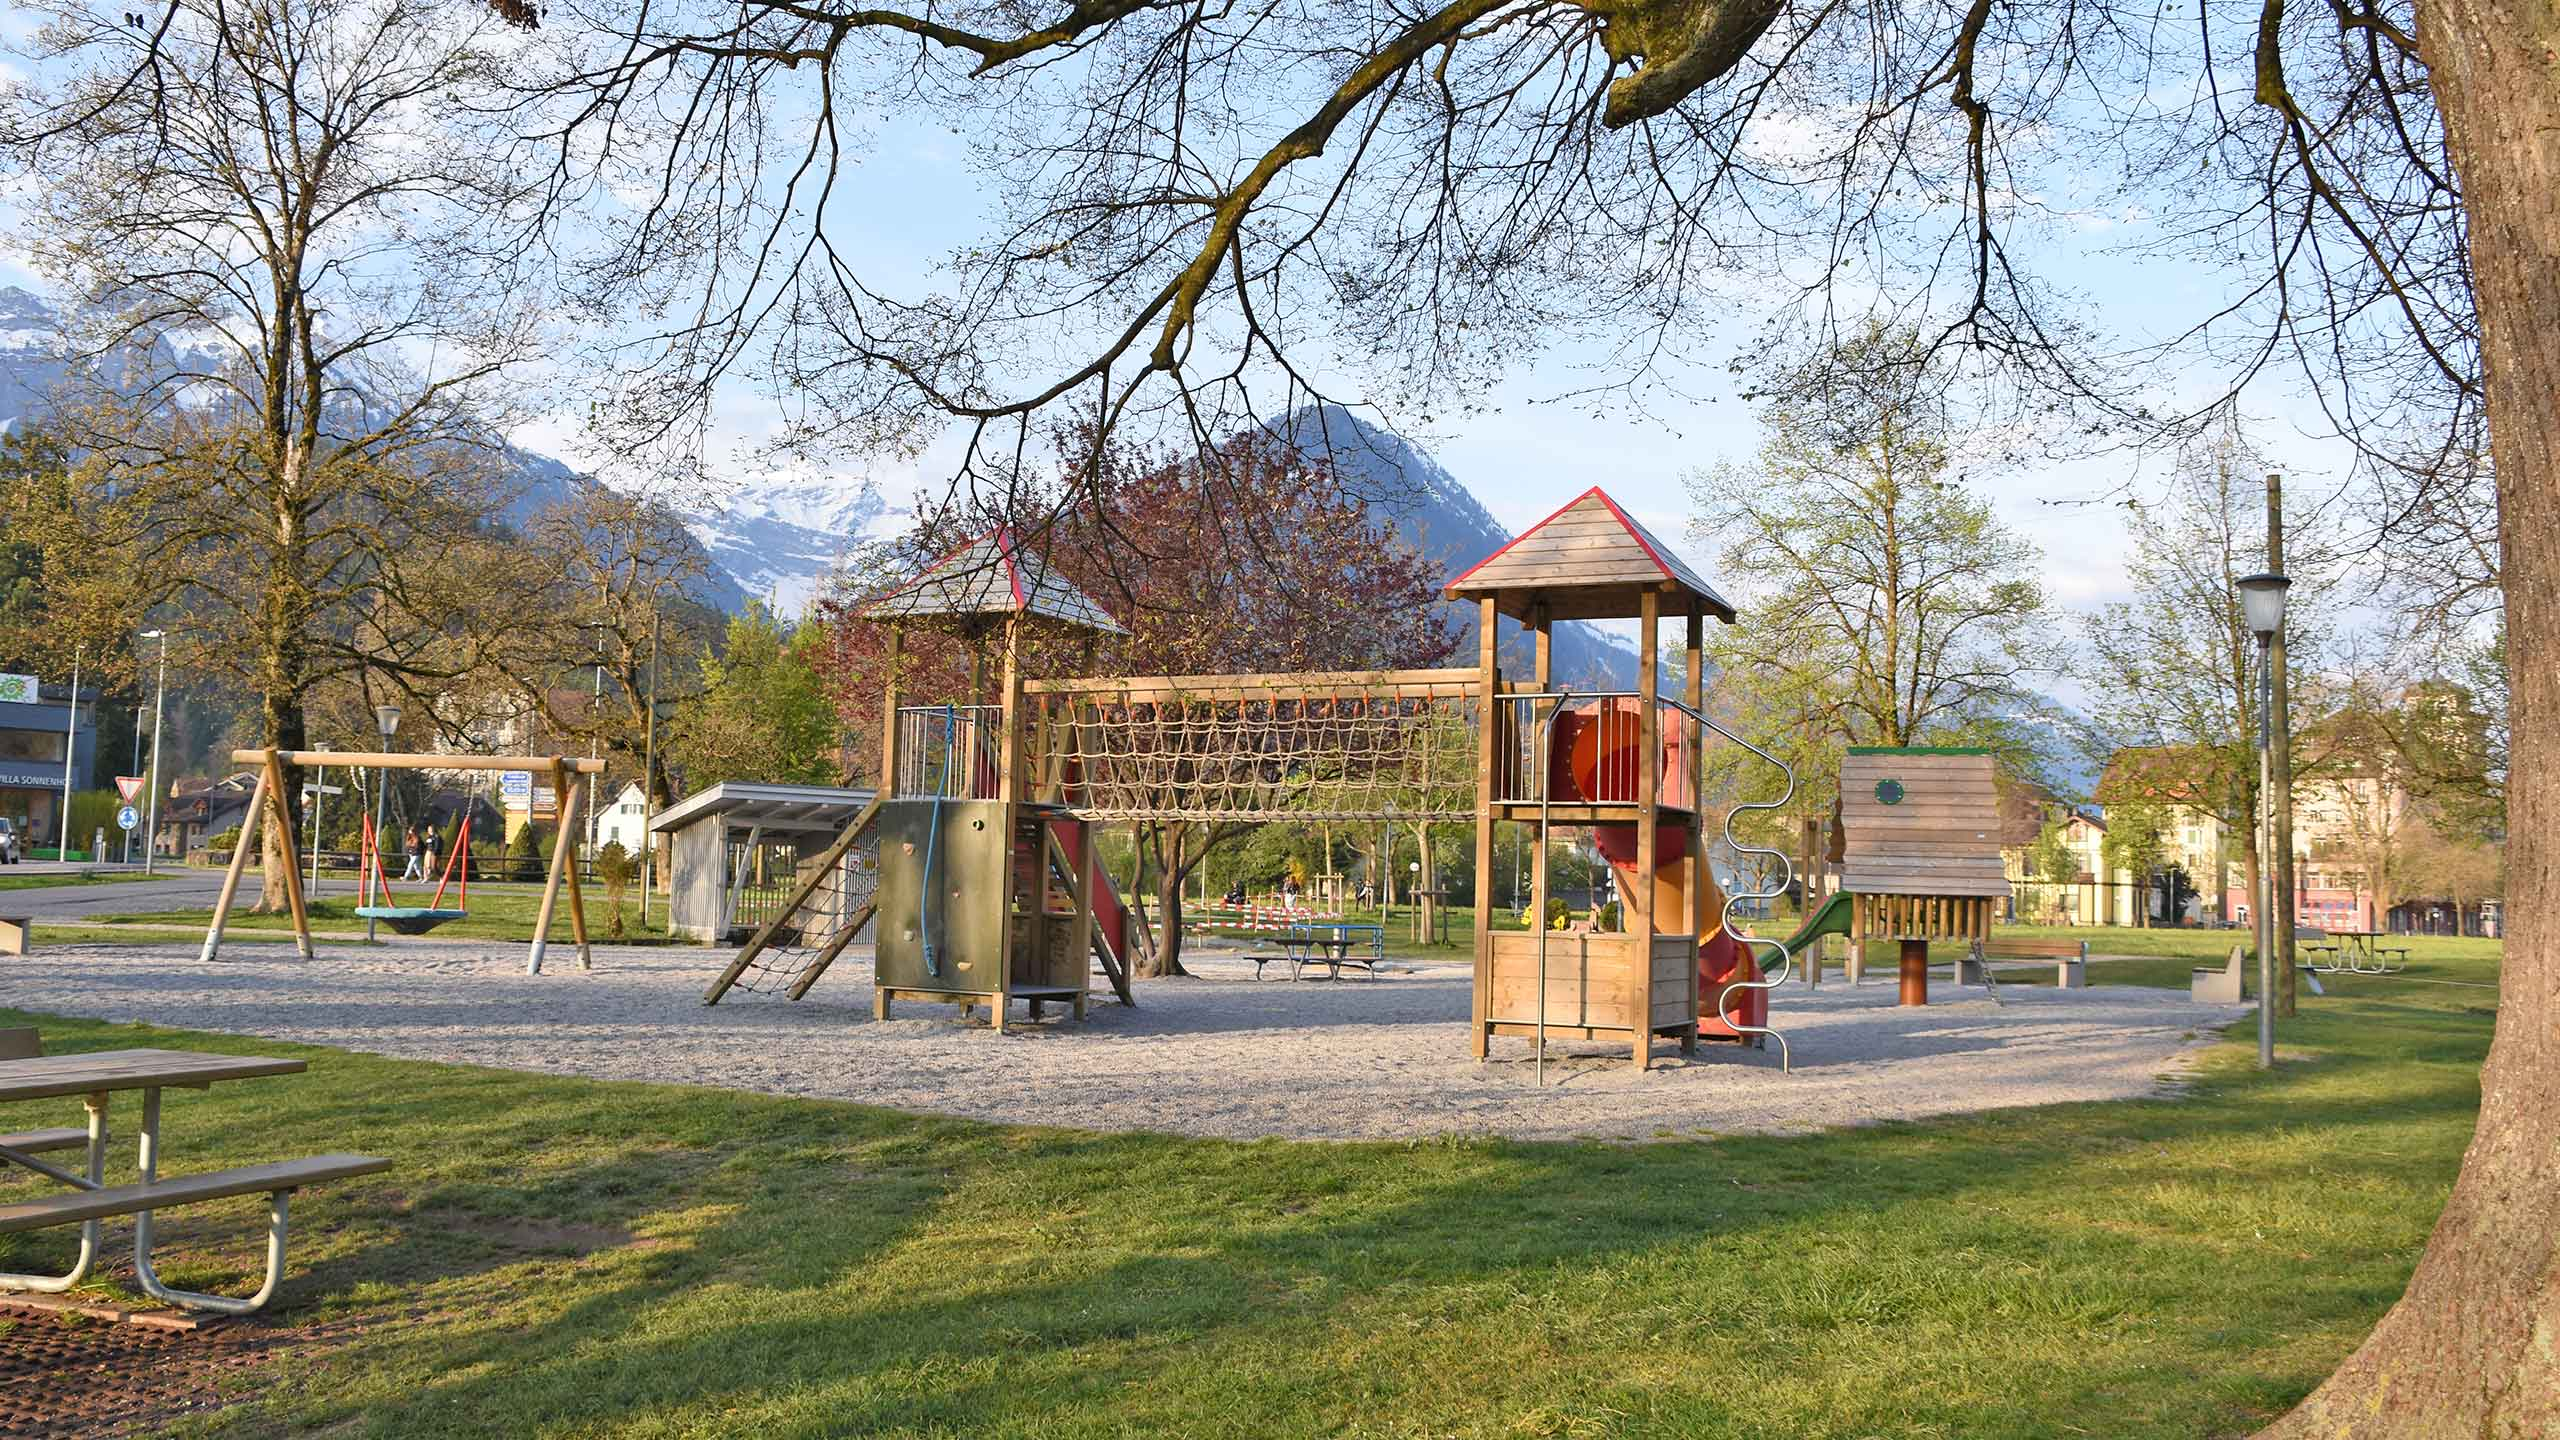 spielplatz-hoehematte-interlaken-spieltuerme-gelaende.jpg